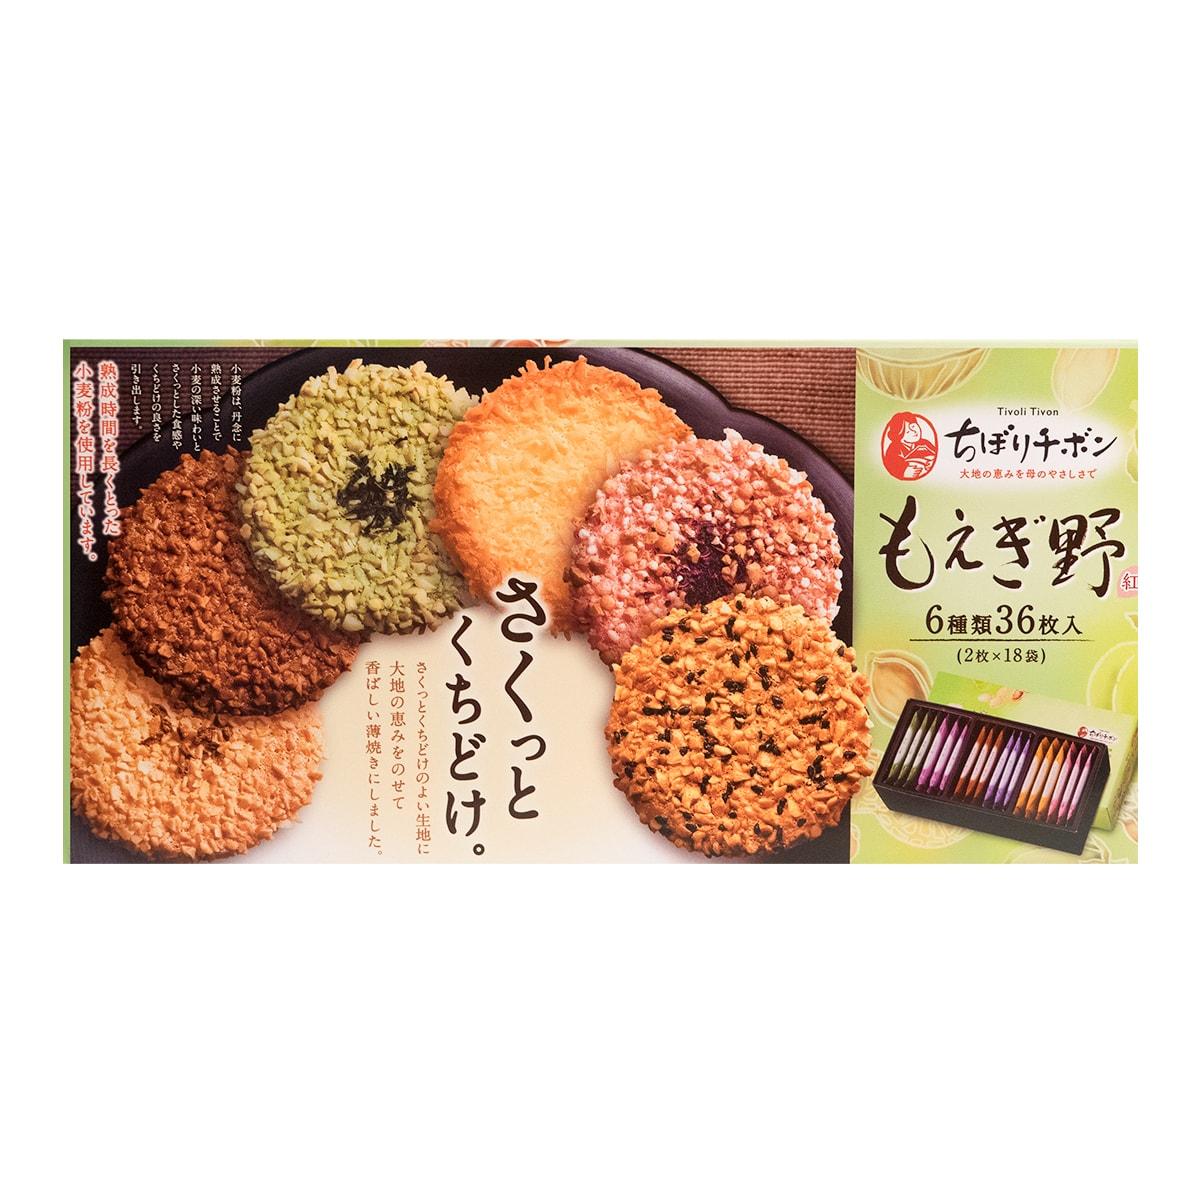 日本TIVOLI TIVON 夹心酥酥饼礼盒 6种口味 36枚入